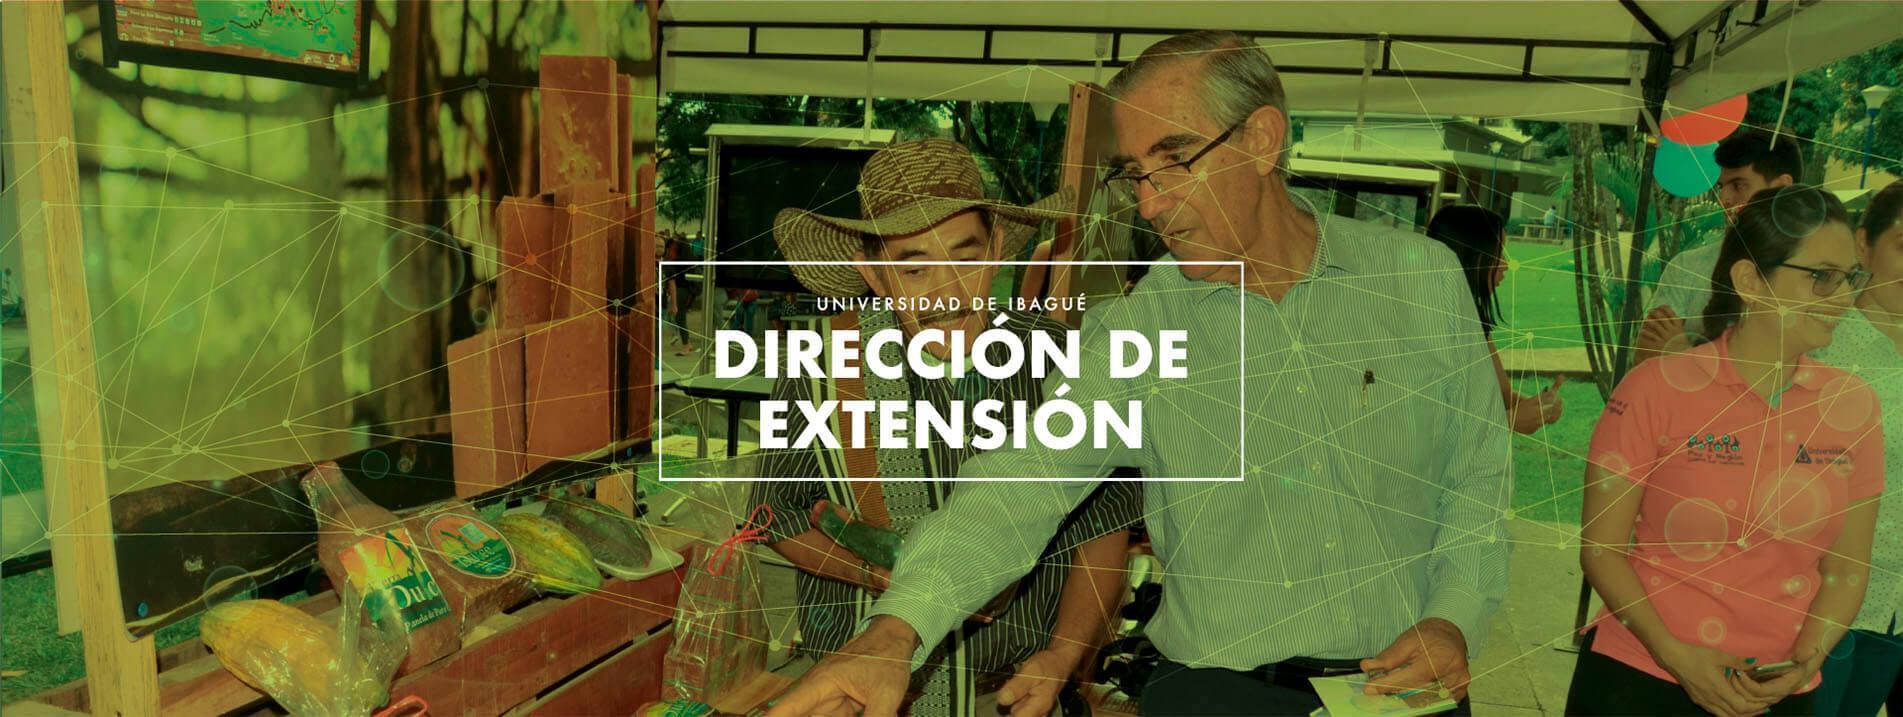 Imagen de cabecera para el micrositio de la dependencia de Dirección de Extensión de Unibagué